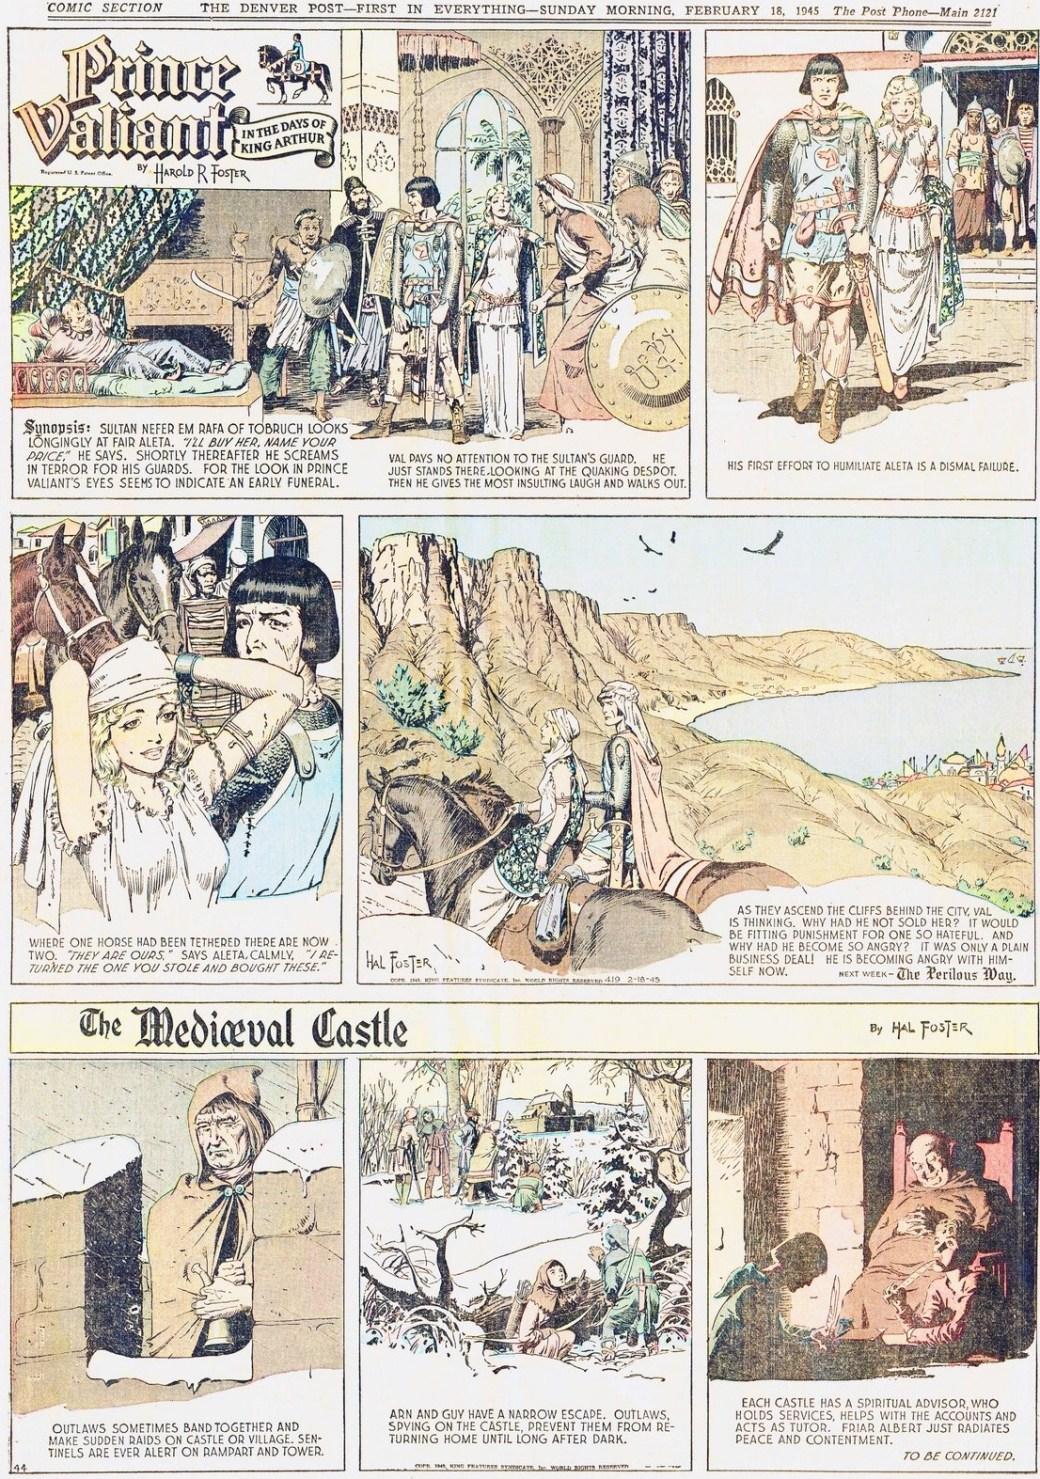 Ett klipp från den 18 februari 1945 som visar hur Prince Valiant och The Mediæval Castle samexisterade på samma söndagssida